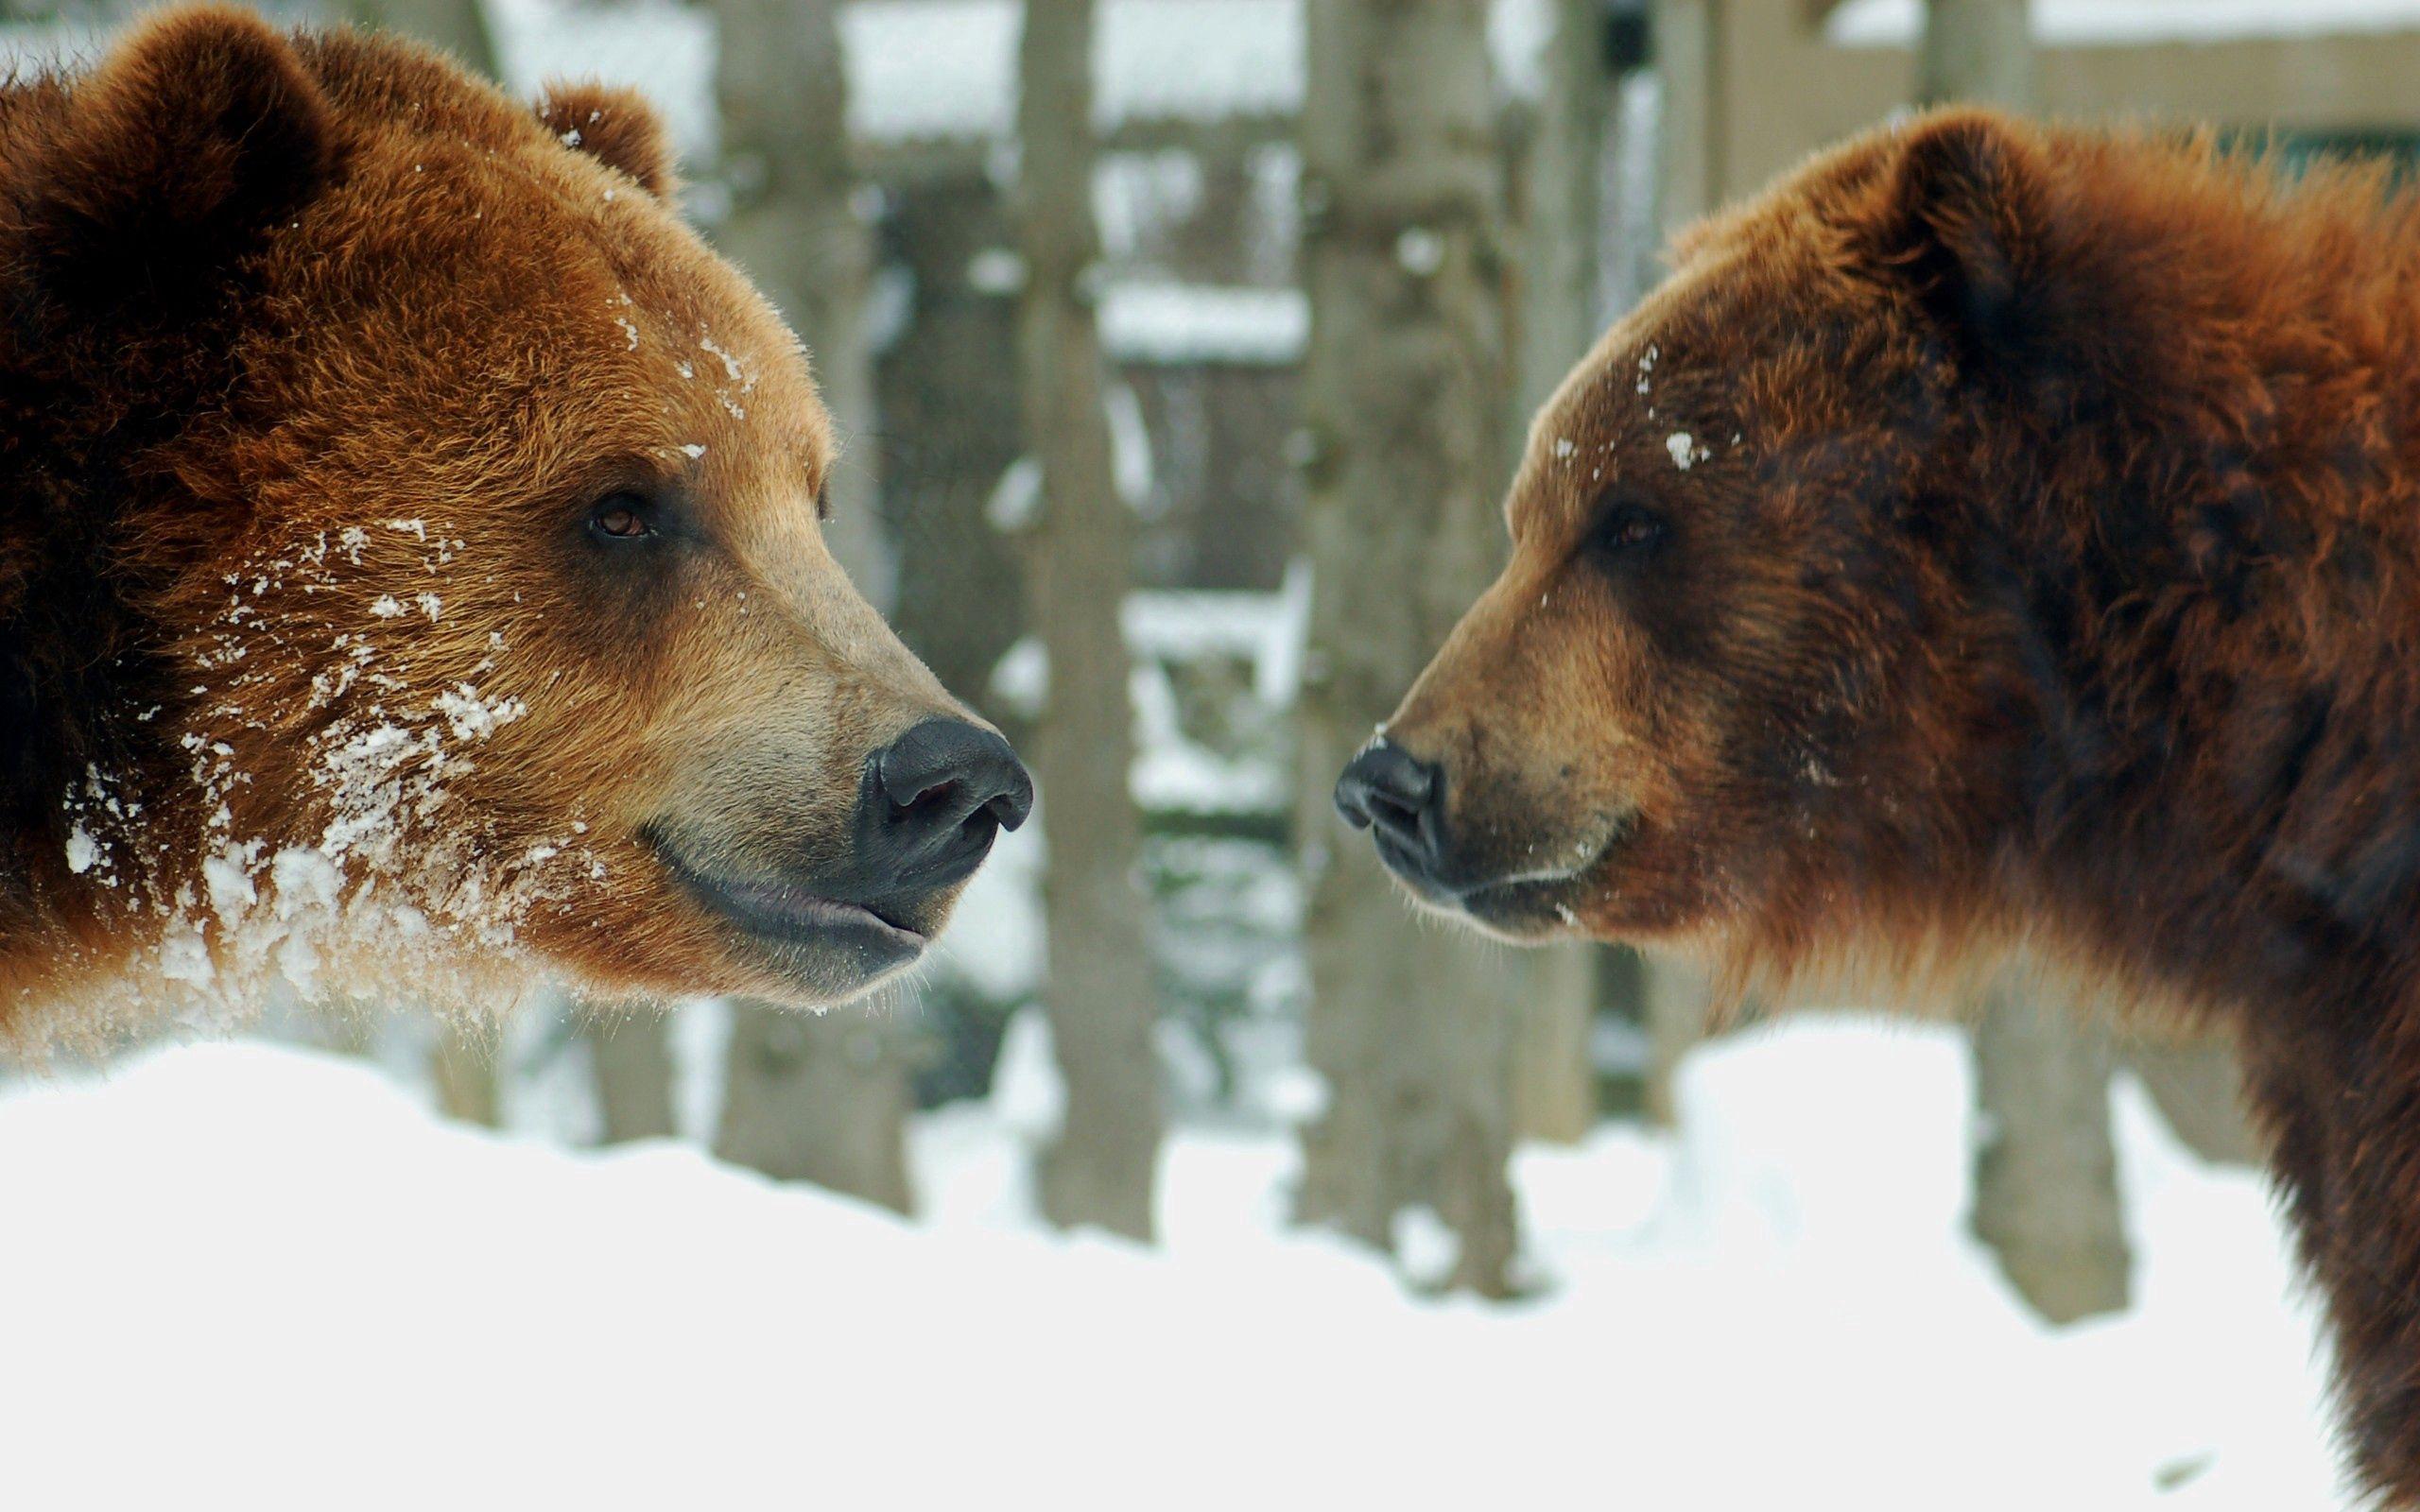 141889 Заставки и Обои Медведи на телефон. Скачать Медведи, Животные, Снег, Пара, Бурый картинки бесплатно